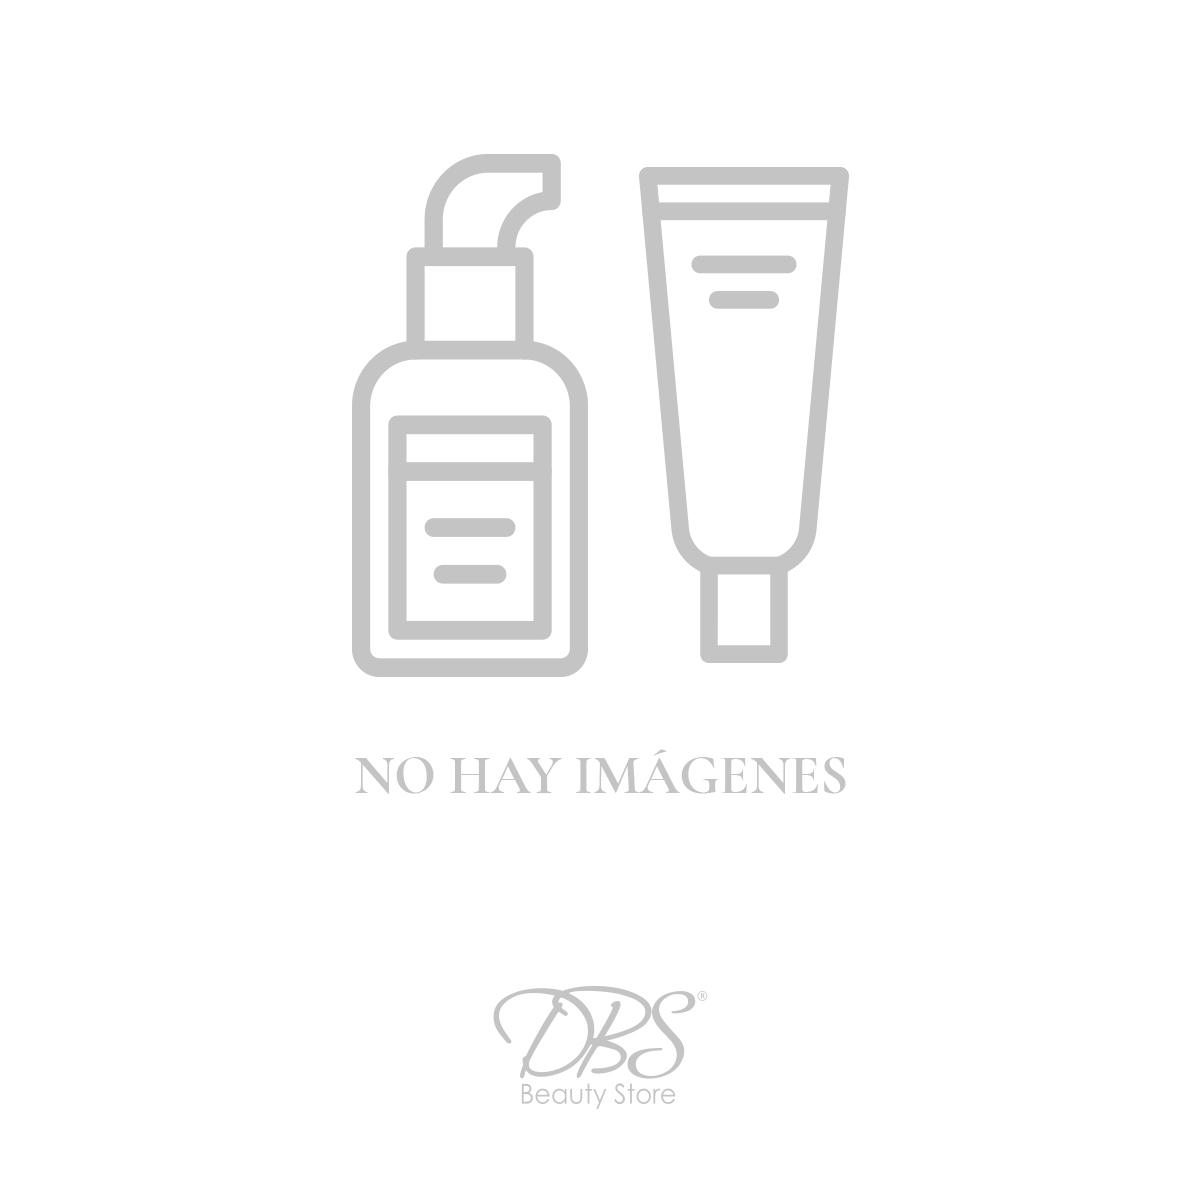 bath-and-body-works-BW-84758.jpg